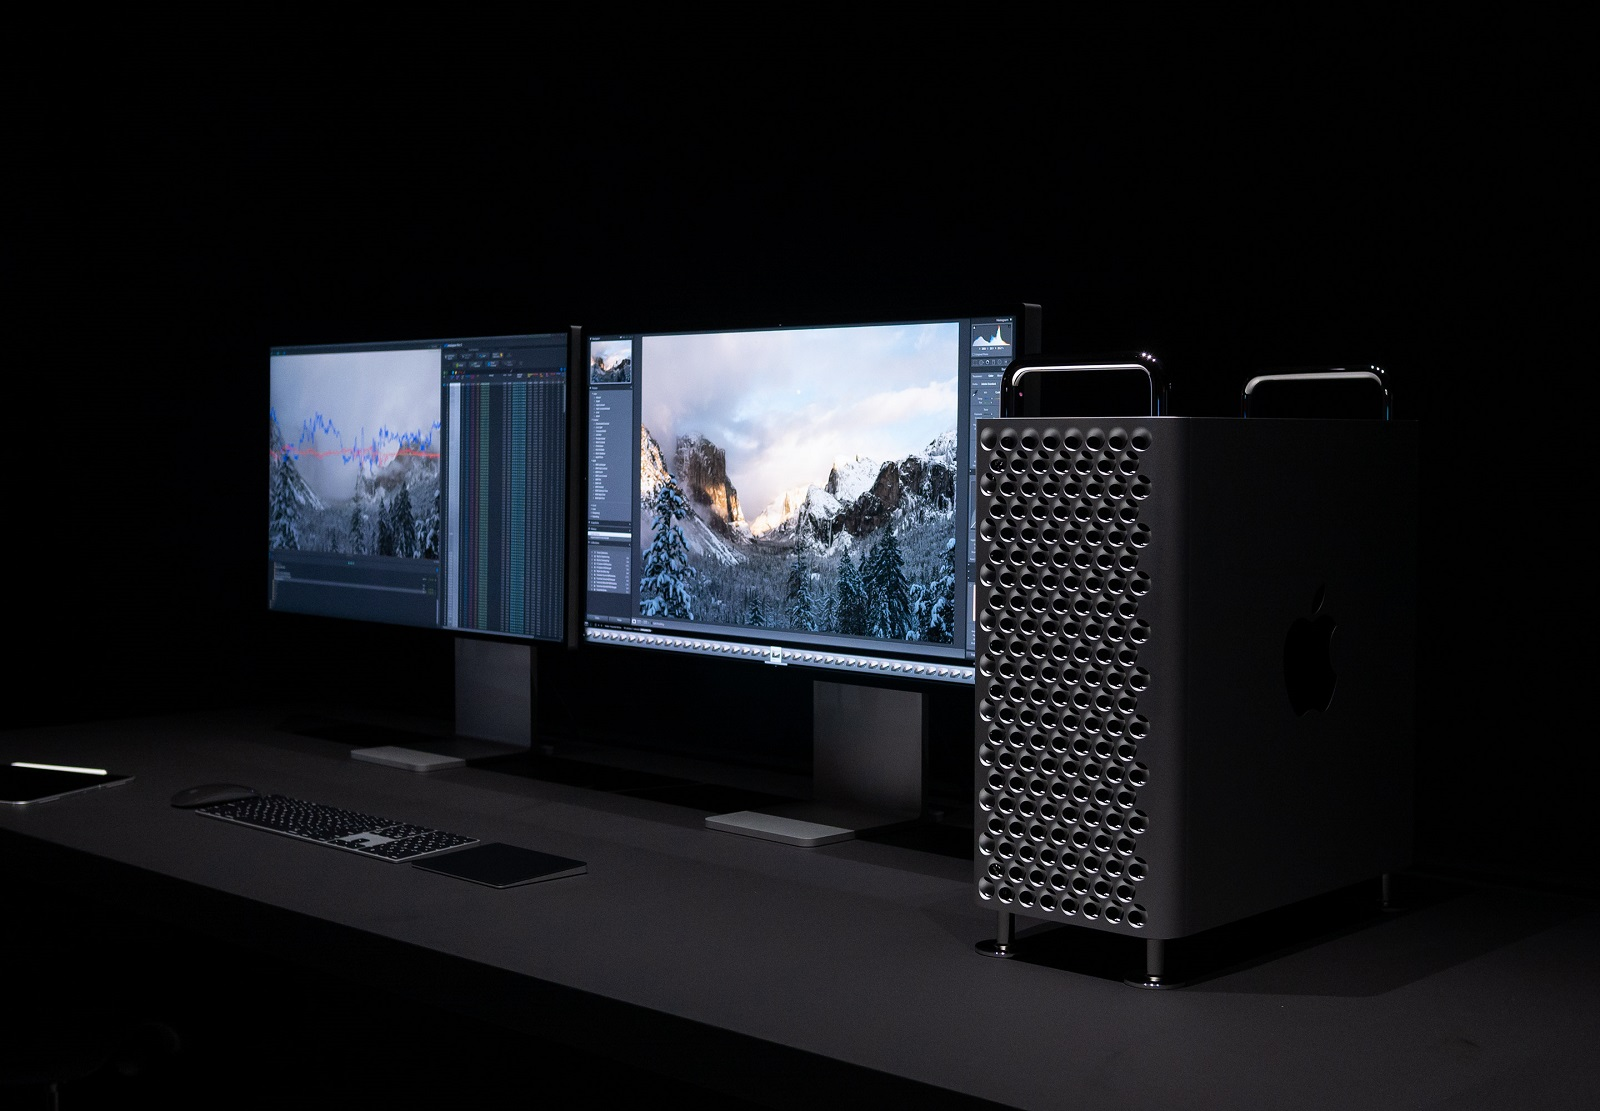 بهترین کانفیگ Mac Pro جدید اپل میتواند 50 هزار دلار قیمت داشته باشد!